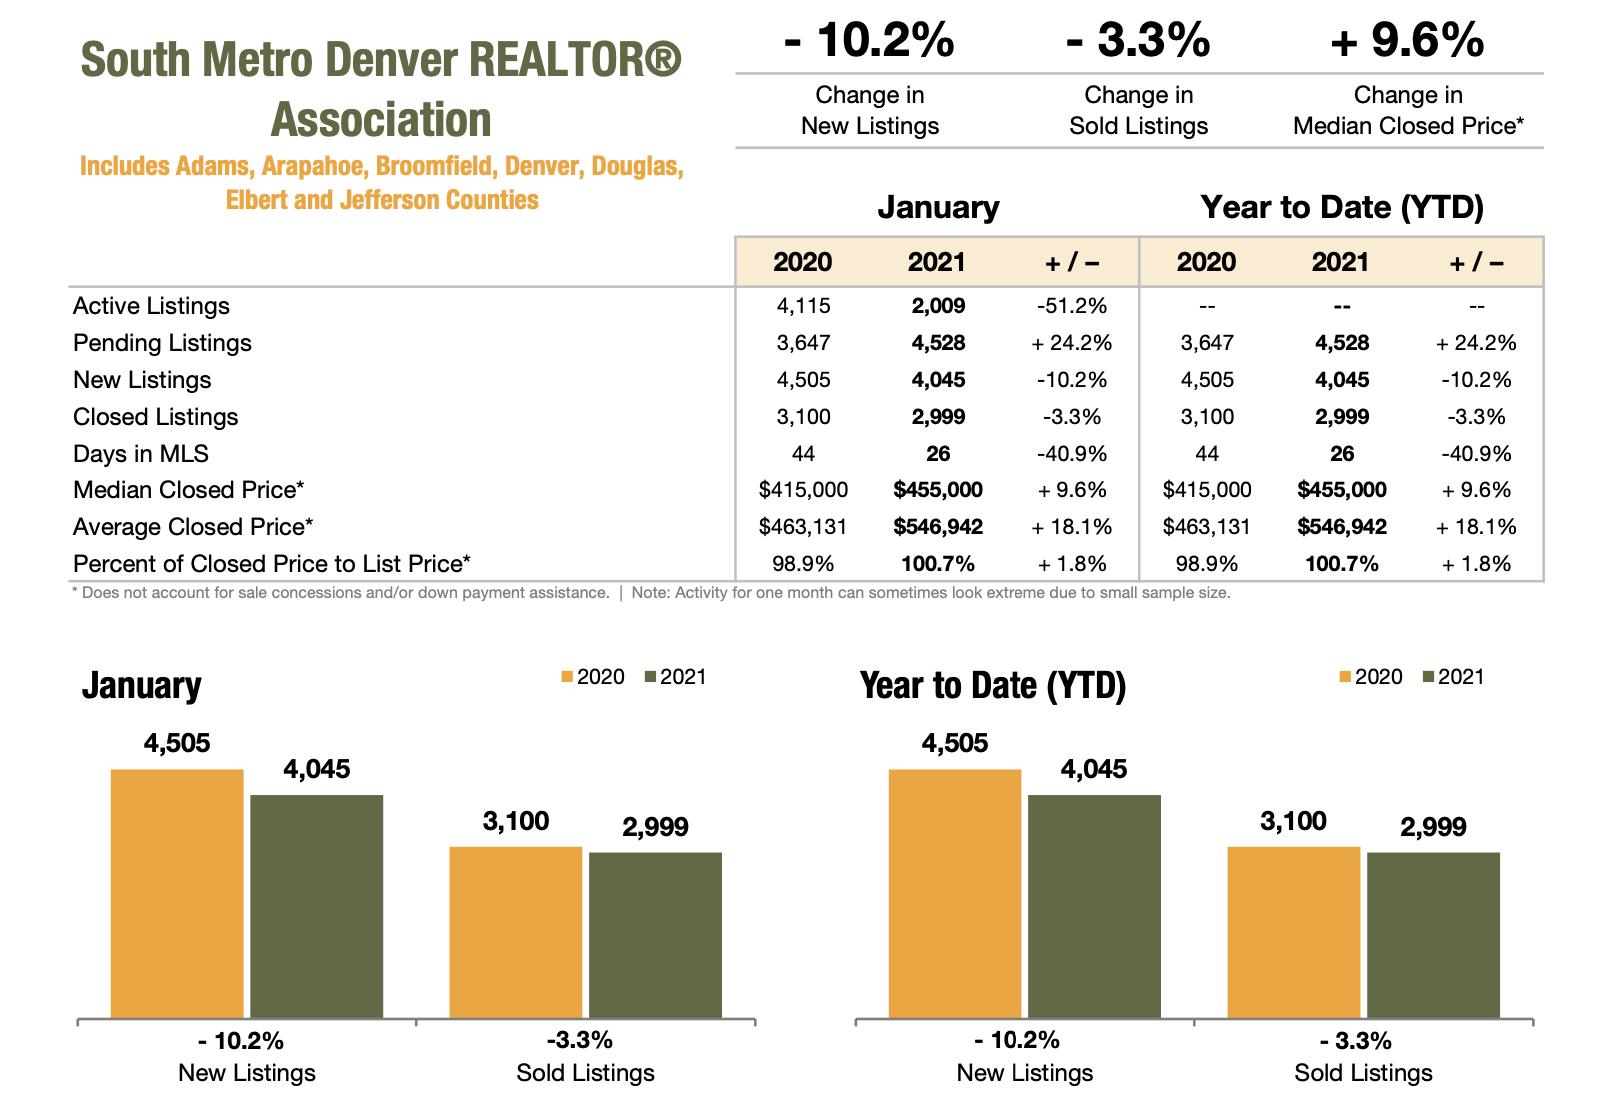 Colorado Real Estate Market Report South Metro Denver REALTOR Association January 2021